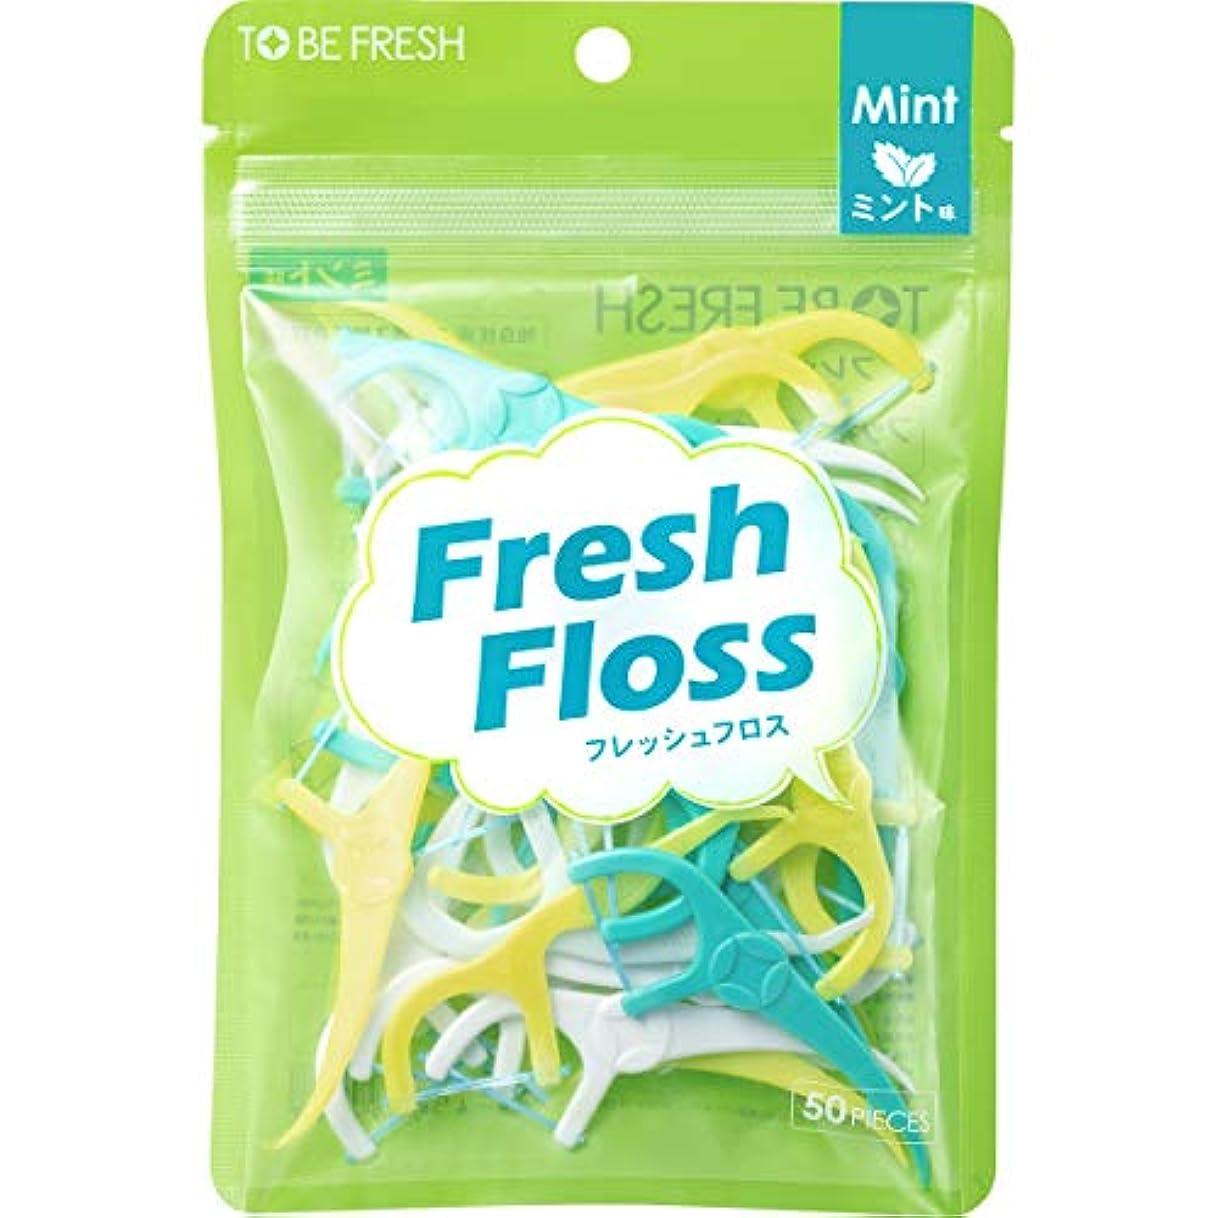 論理的にフラッシュのように素早くベーカリーTO BE FRESH(トゥービー?フレッシュ) フロス 50本